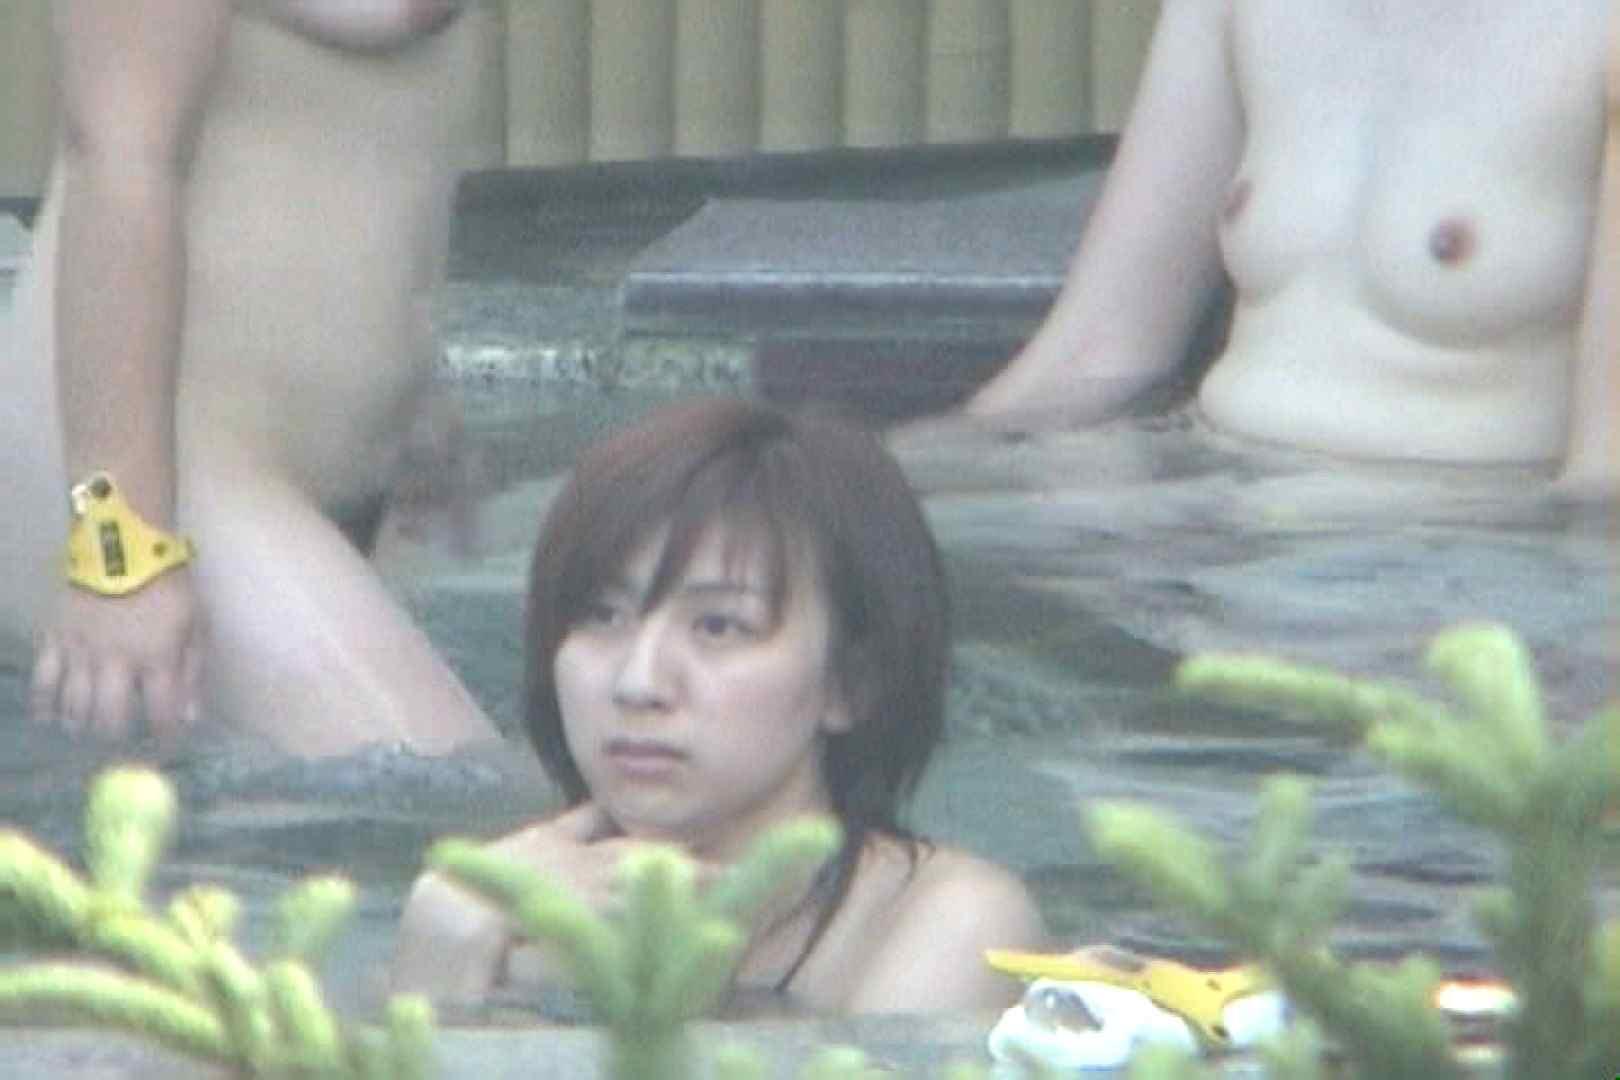 Aquaな露天風呂Vol.77【VIP限定】 露天  80Pix 6